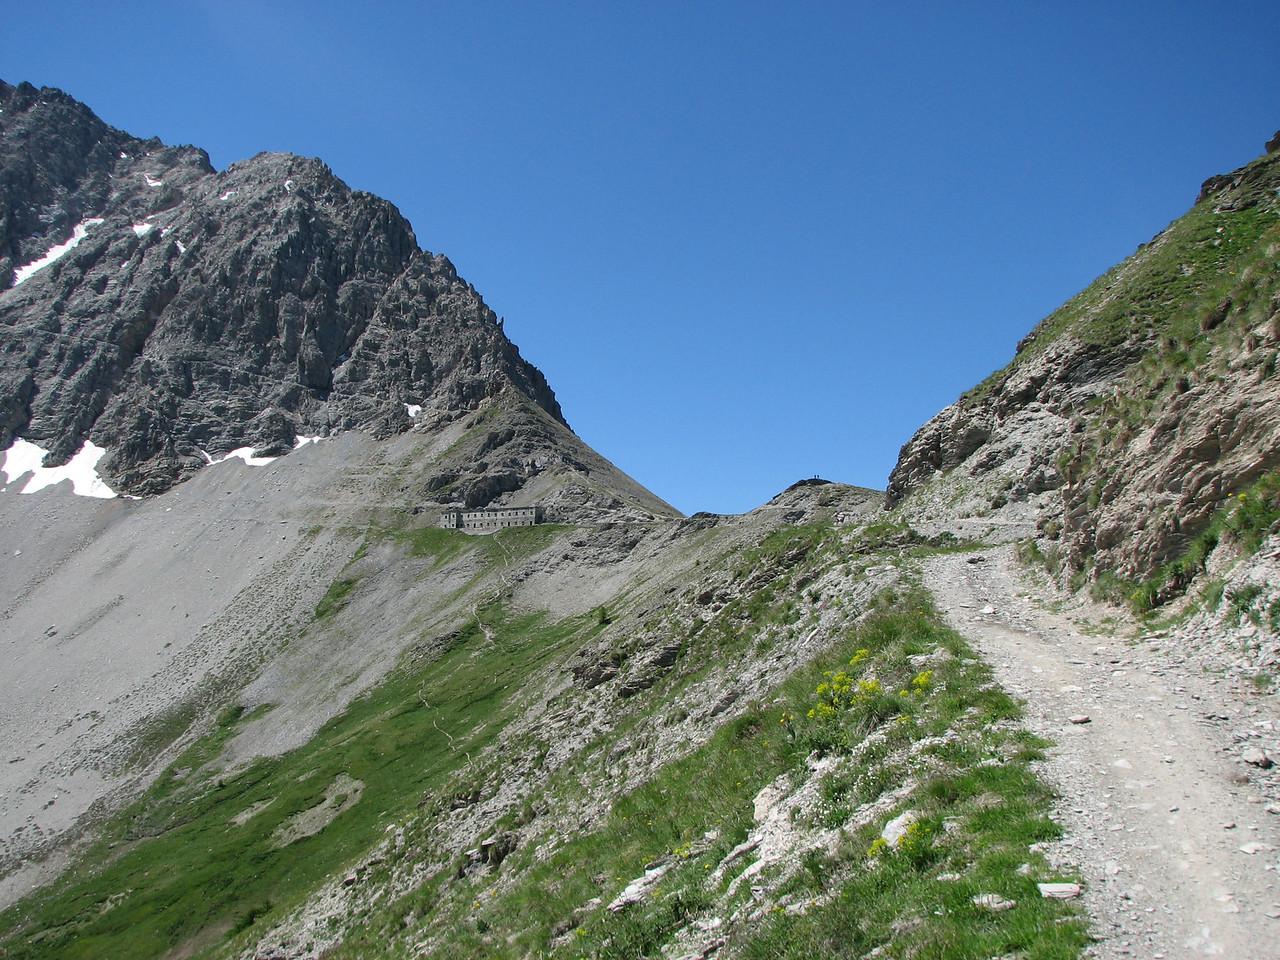 het fort naast Passo Mulatierra